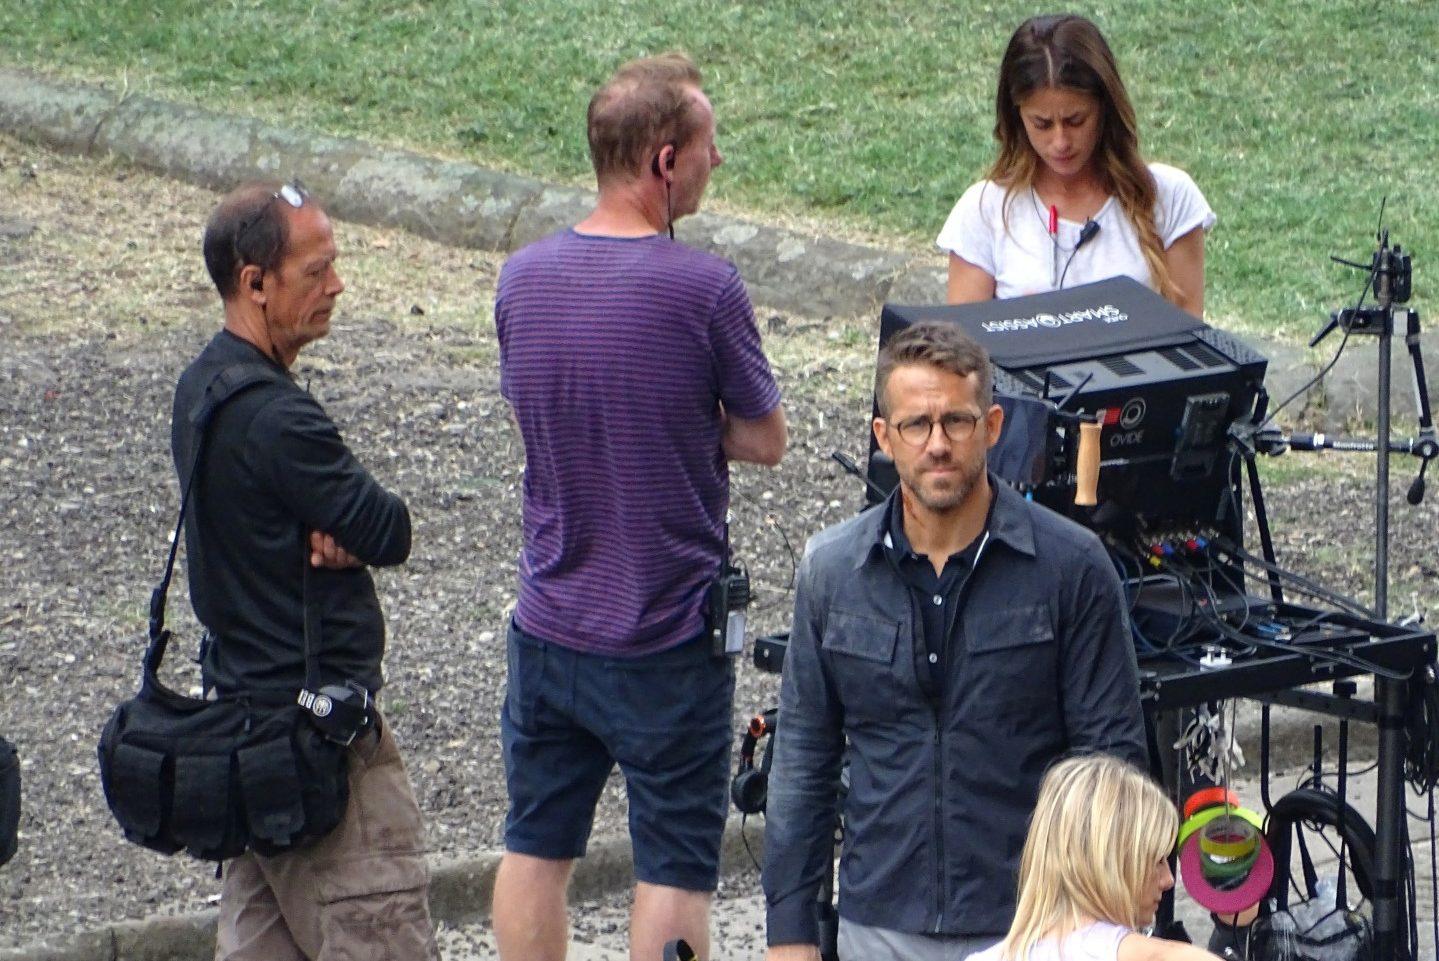 Ryan Renolds tijdens de opnames van de film '6 Underground' in Firenze